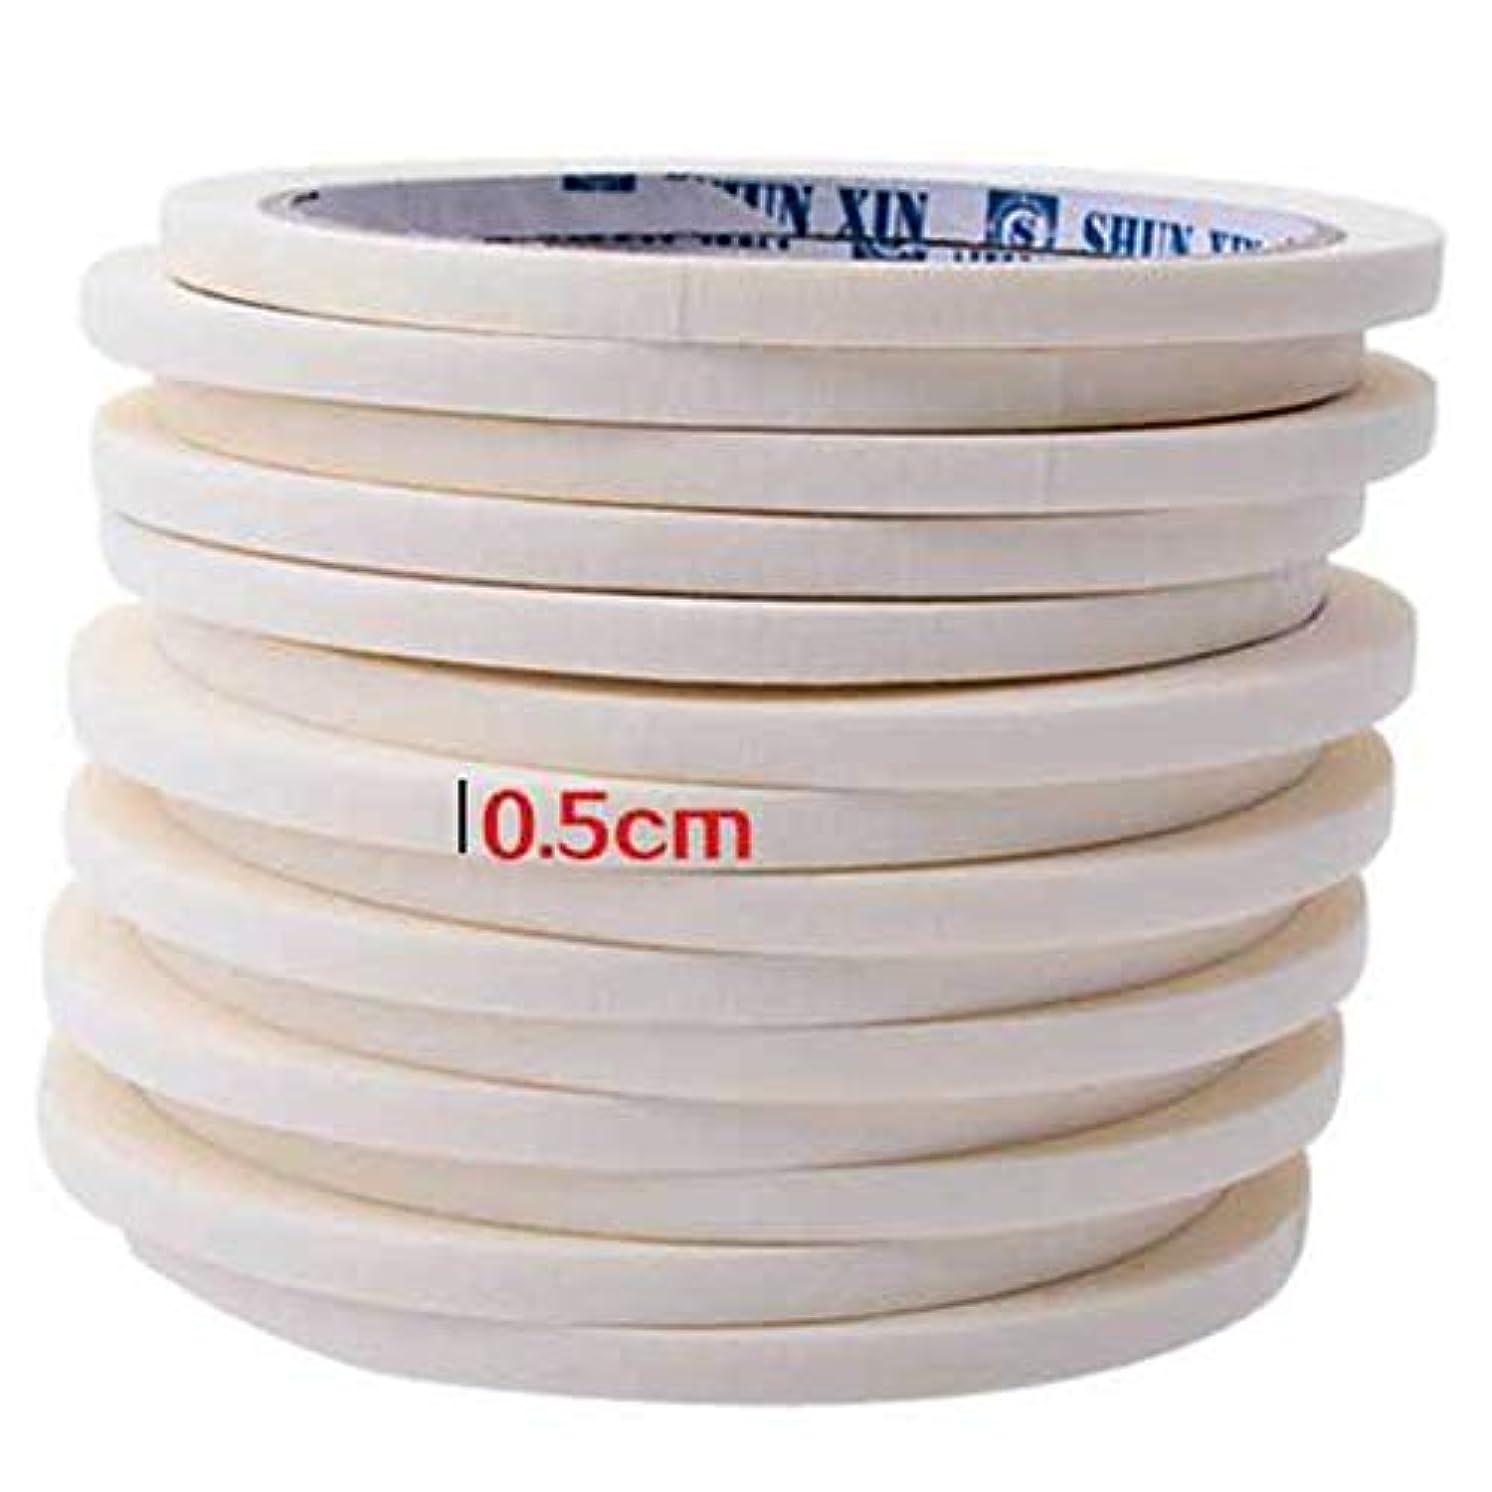 無視できるリスク寄り添うAAcreatspaceネイルテープ0.5センチマスキングテープ装飾パターンマニキュアツールマニキュアネイルアートマニキュア用ネイルテープアクセサリー